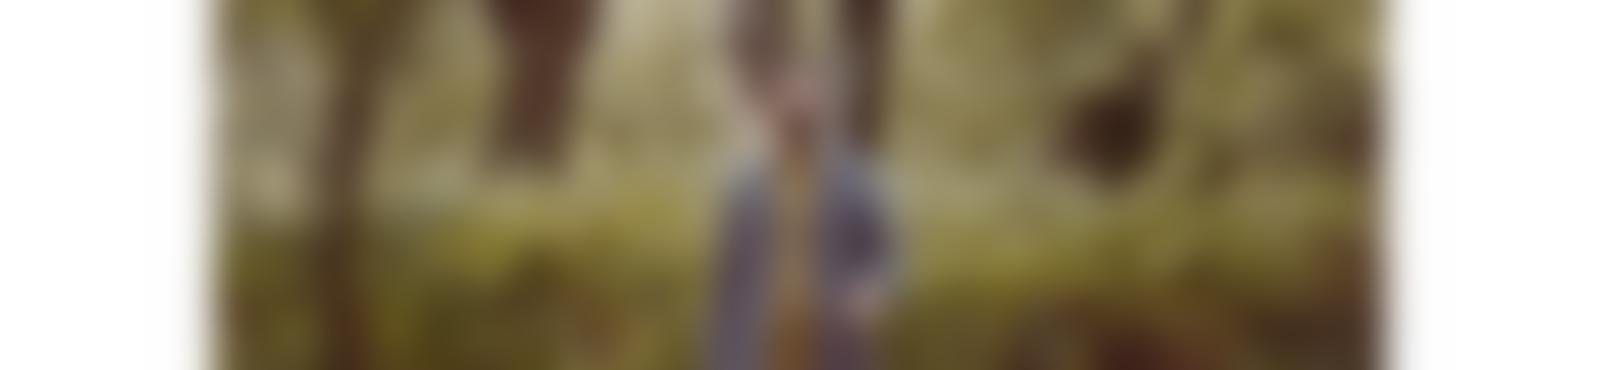 Blurred 64c3f9b2 ccb9 4efe bb2d 62fc4d38b360